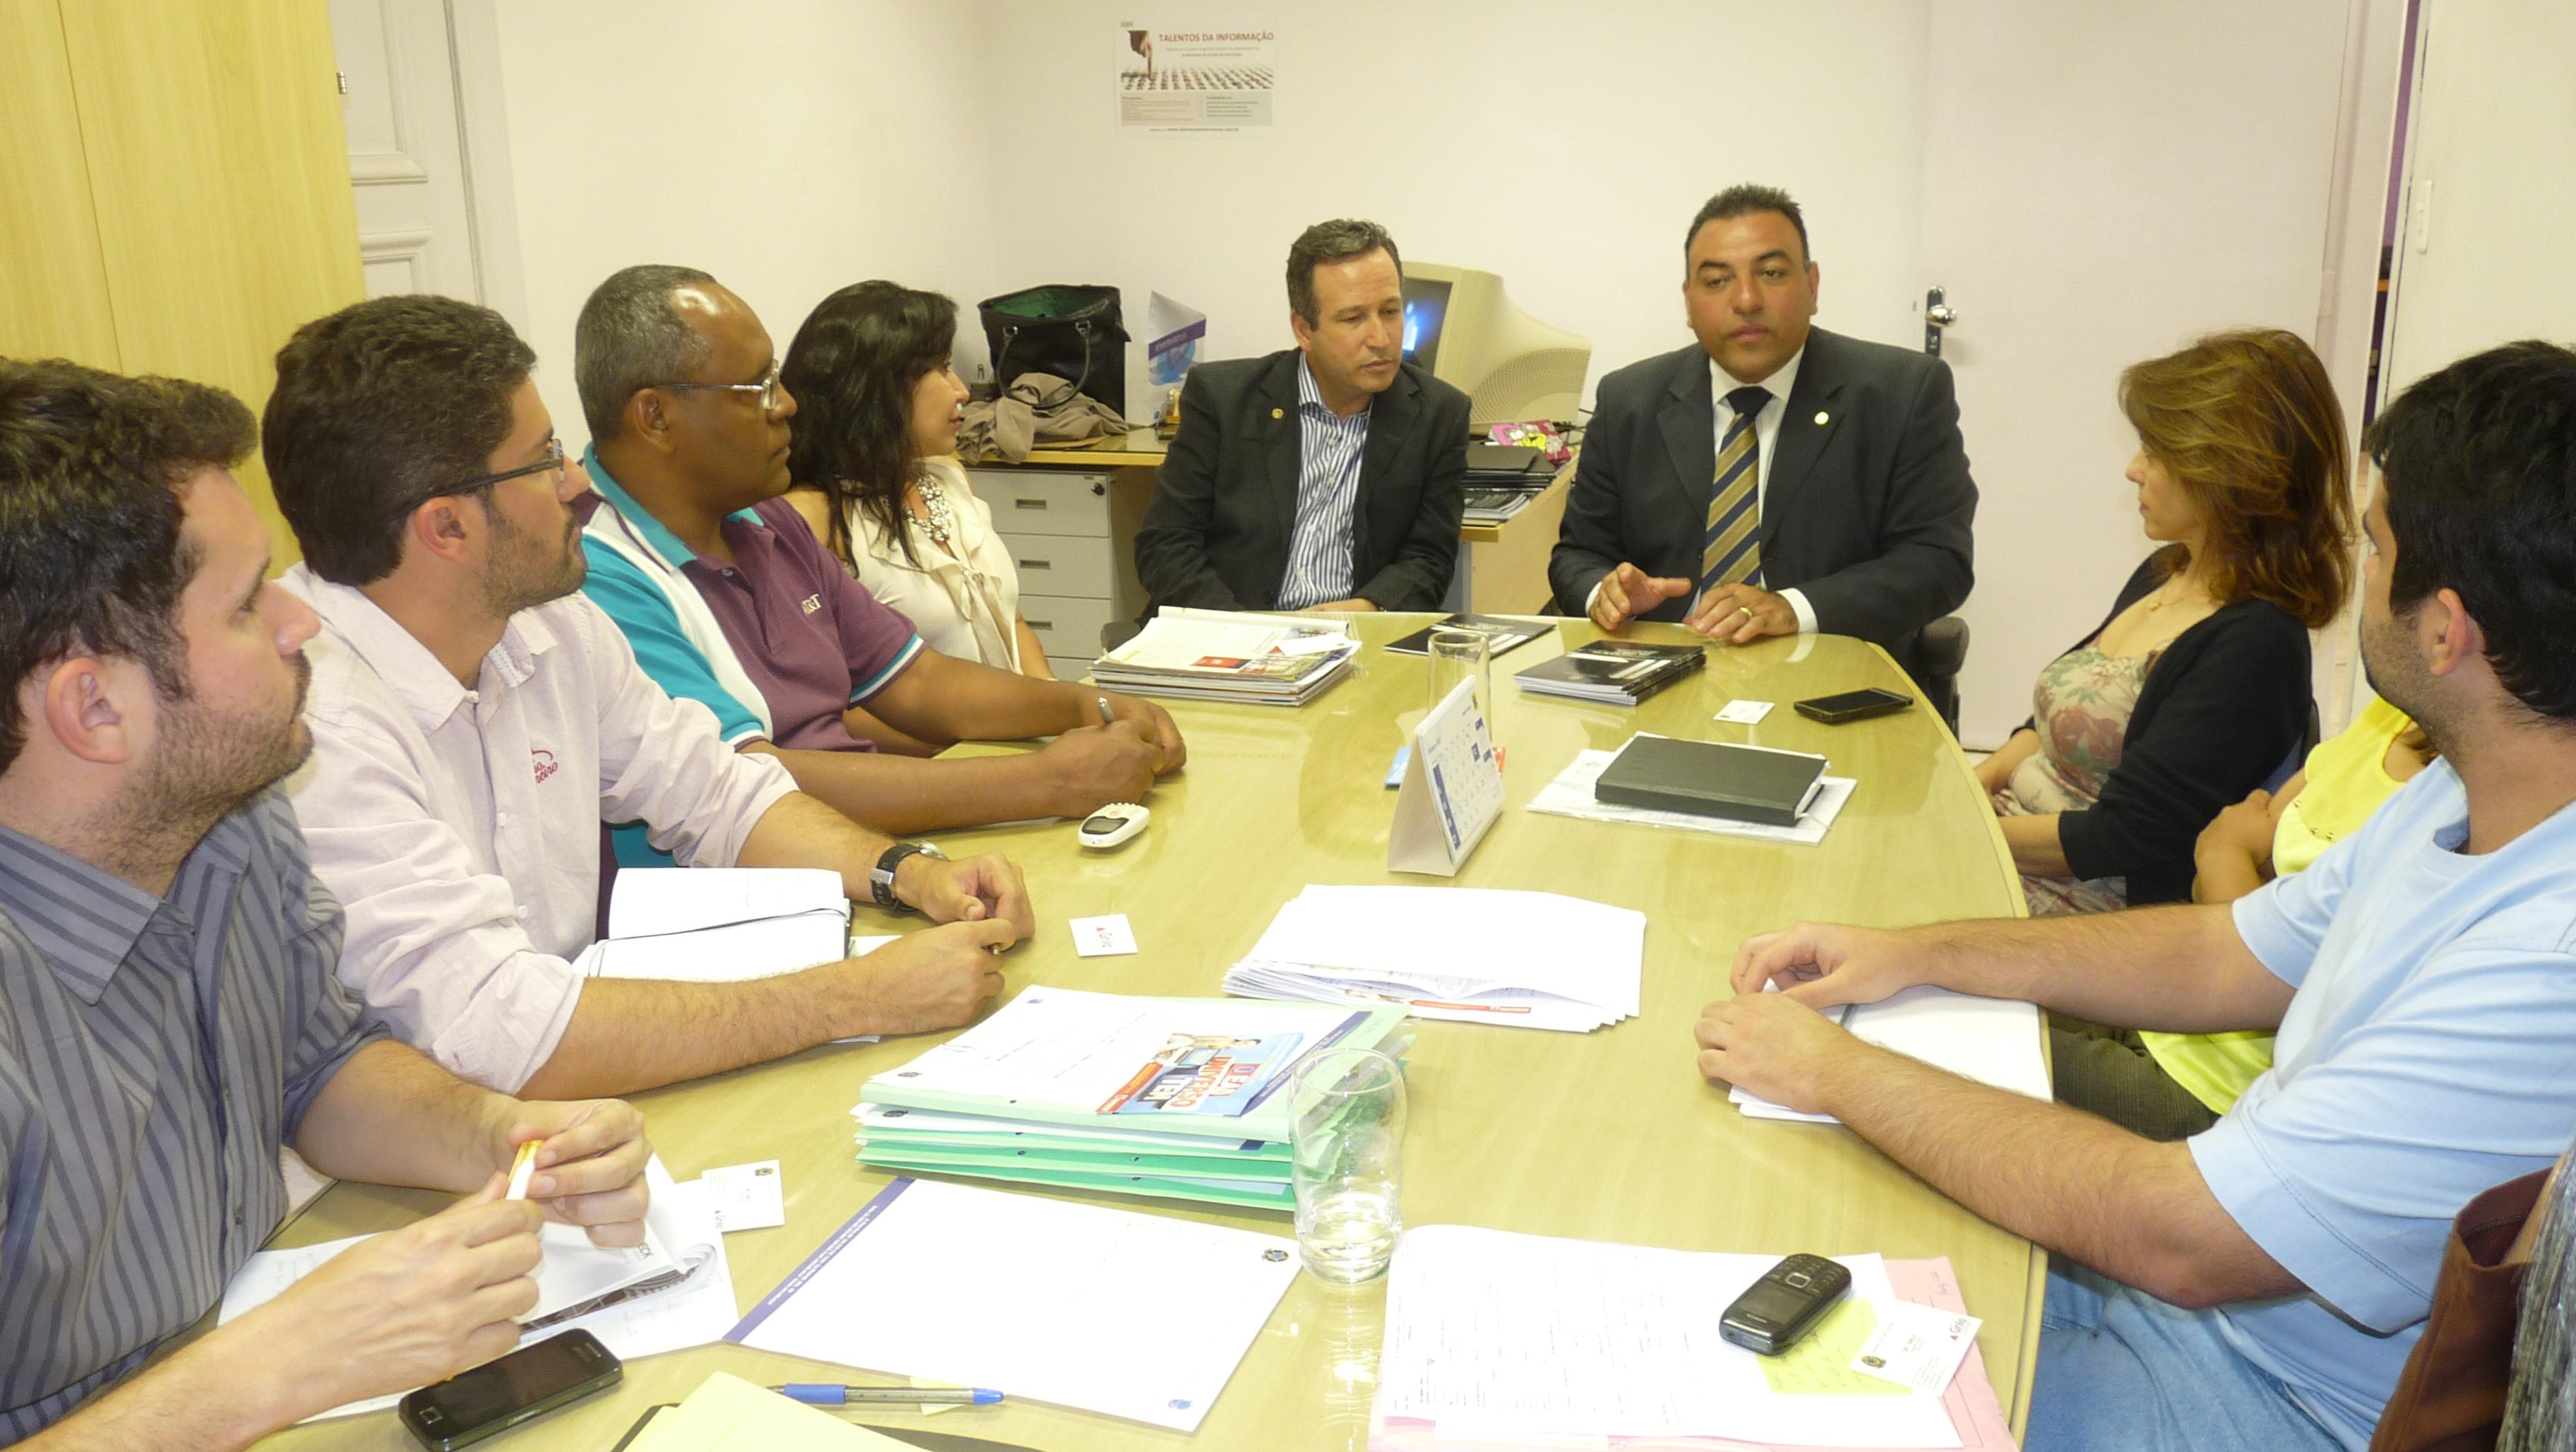 Conselheiros do CRB-6: Álamo Oliveira, Júlio Vítor Castro, Rogério Marques, Janaína de Paula, Elma Oliveira, Hugo Oliveira e o Deputado Dr. Grilo